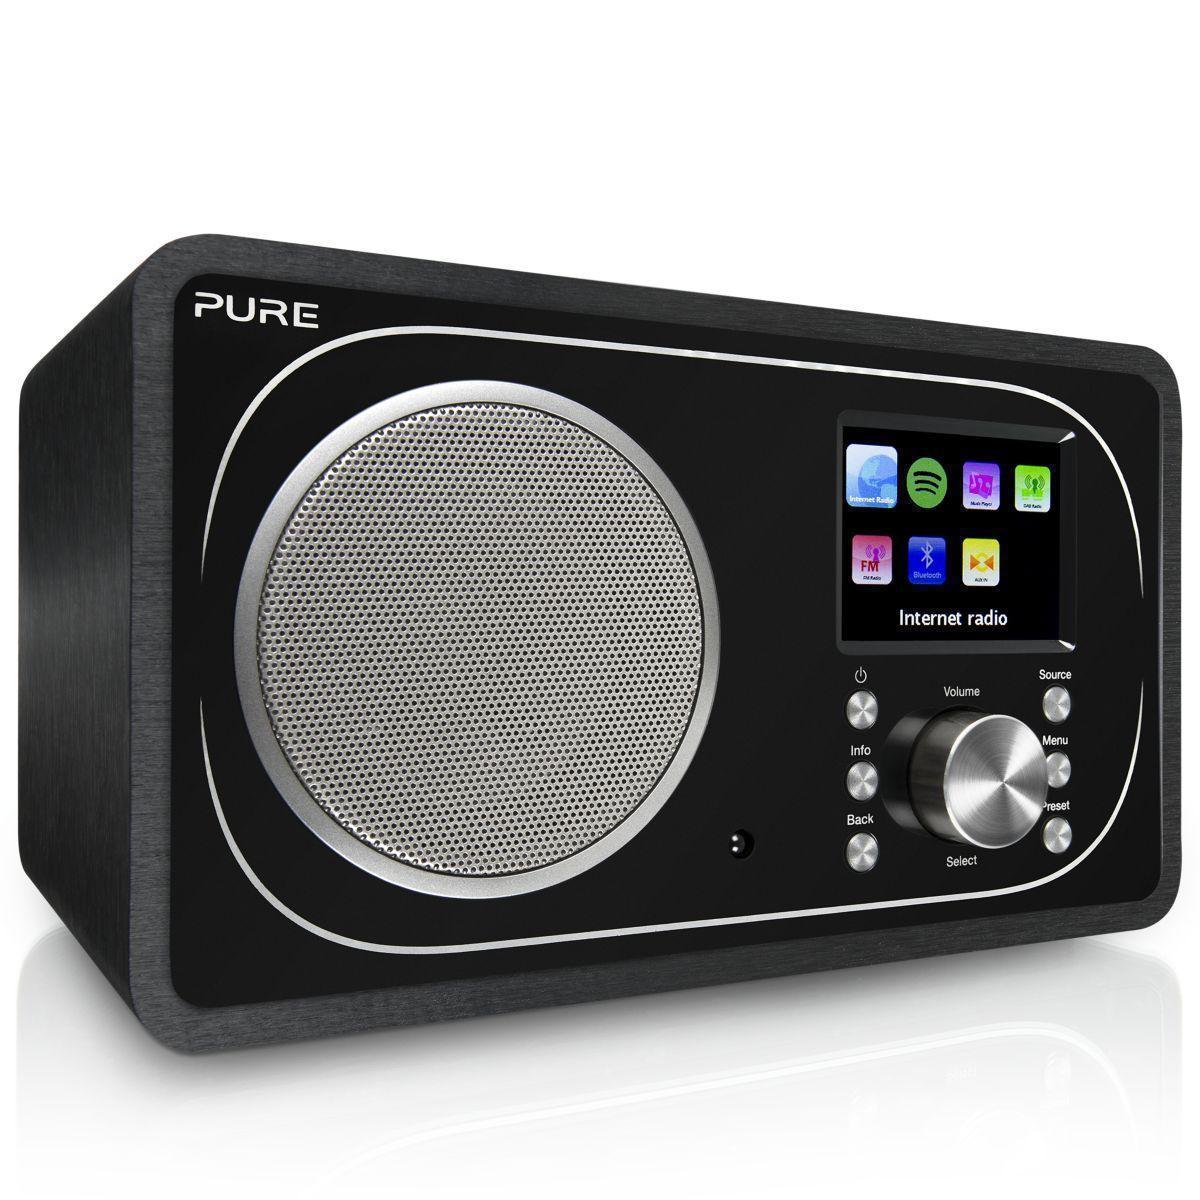 Radio Pure Evoke F3 alarm